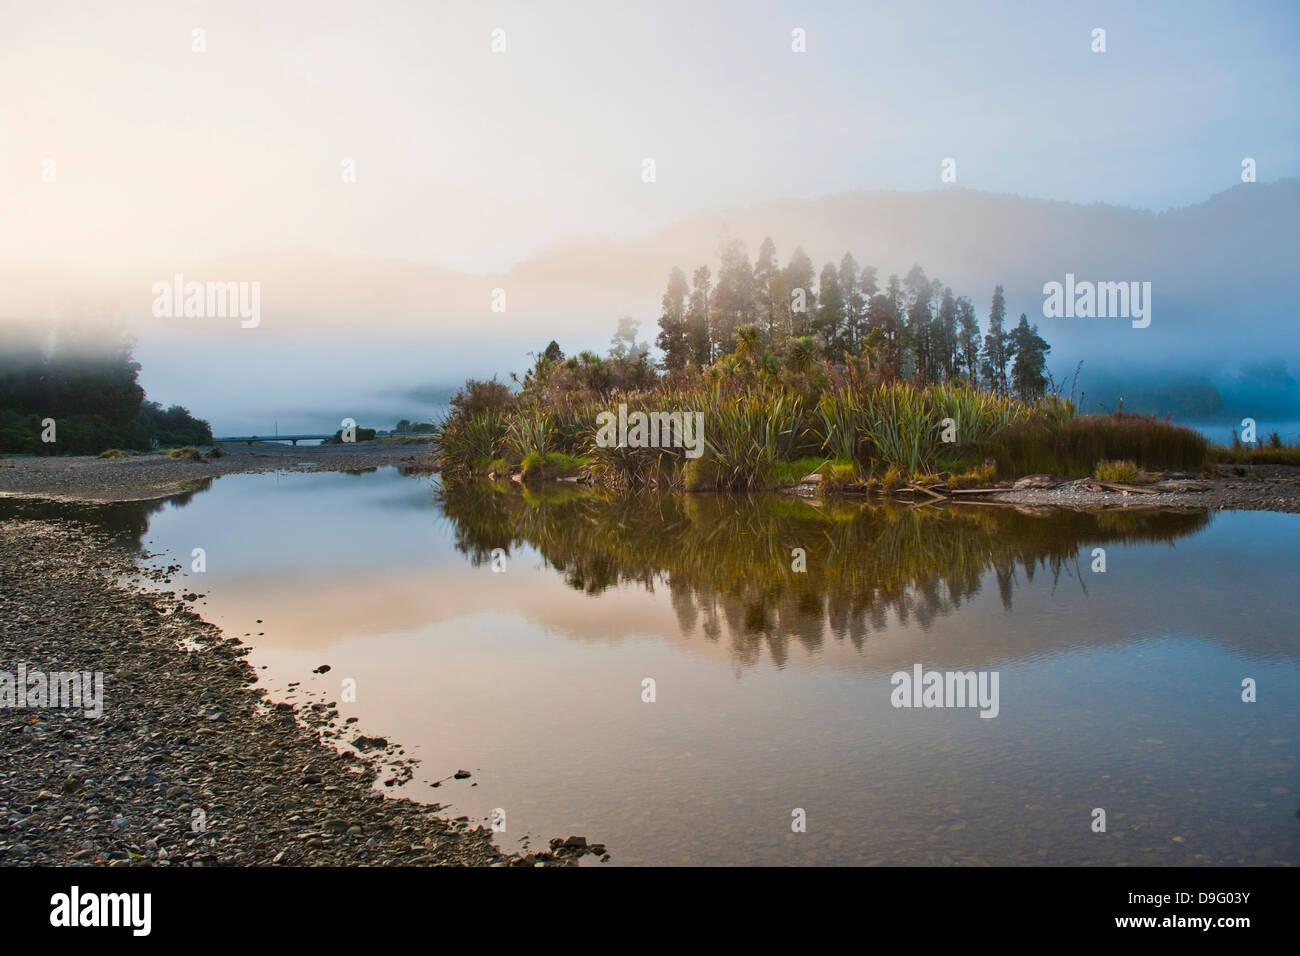 Waitangitanoa River at sunrise, Westland National Park, UNESCO World Heritage Site, South Island, New Zealand - Stock Image